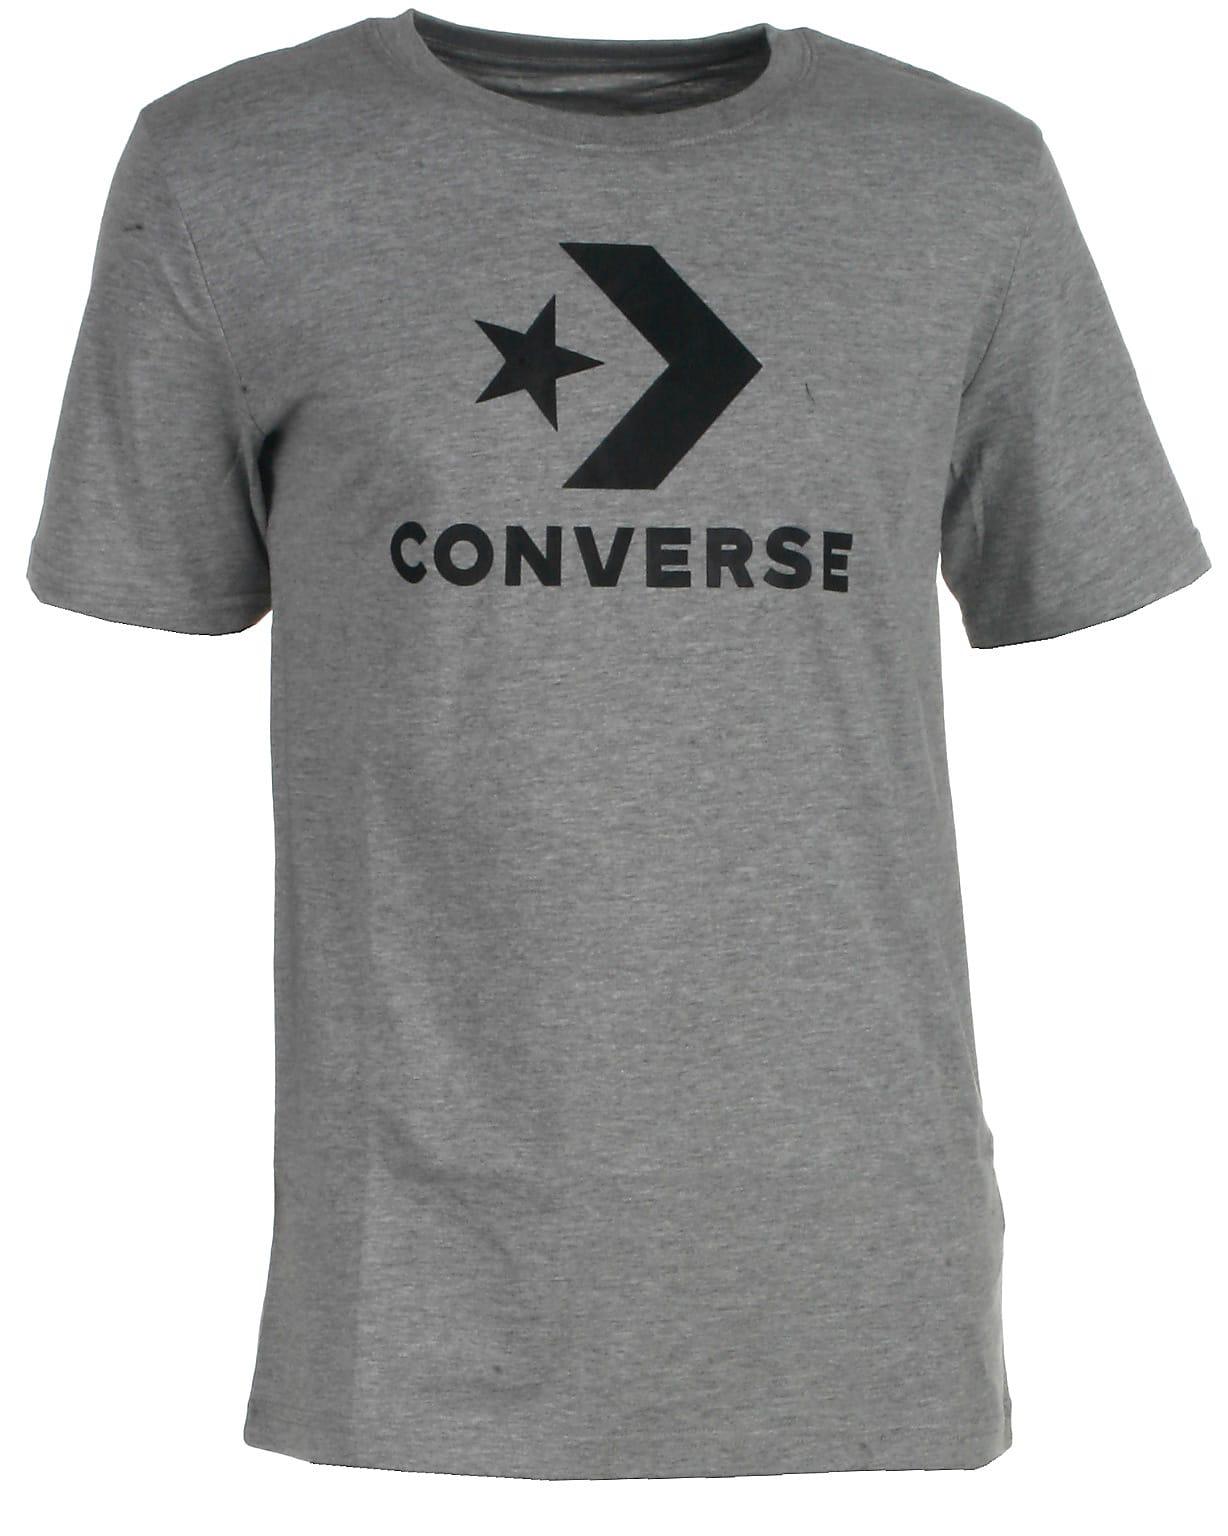 Converse t-shirt s/s, Wordmark, grå